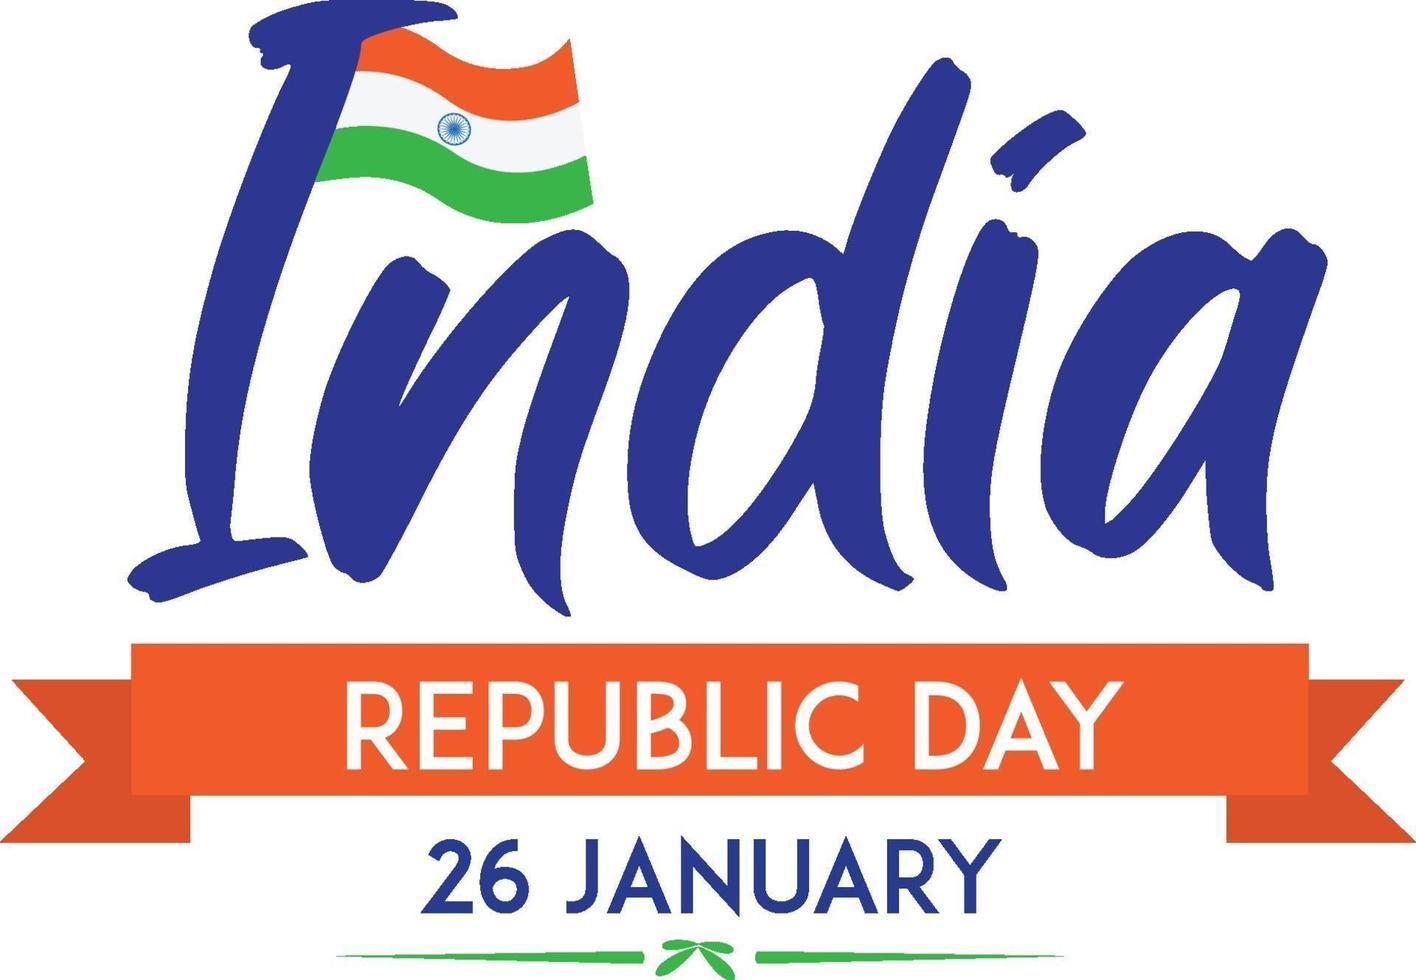 Indien Republik Tag 26 Januar Poster mit Flagge vektor